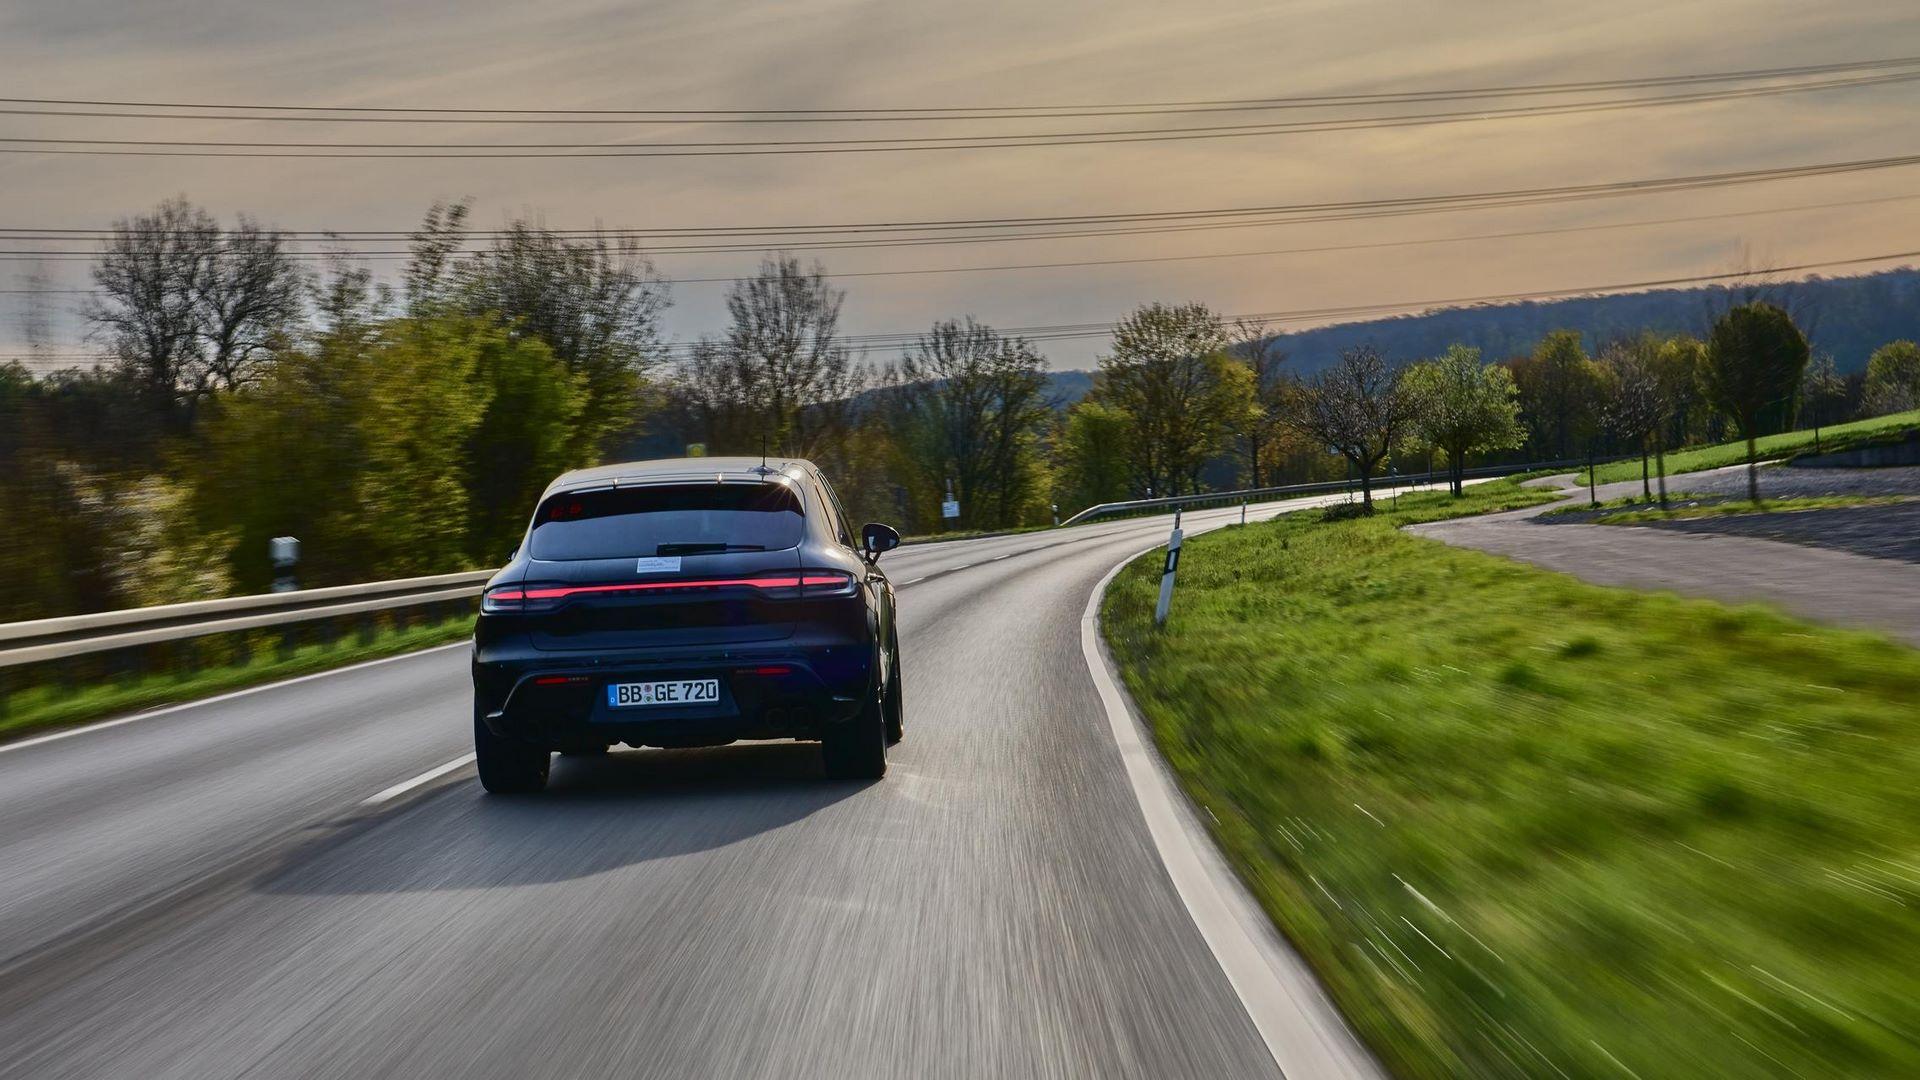 Porsche-Macan-facelift-testing-1